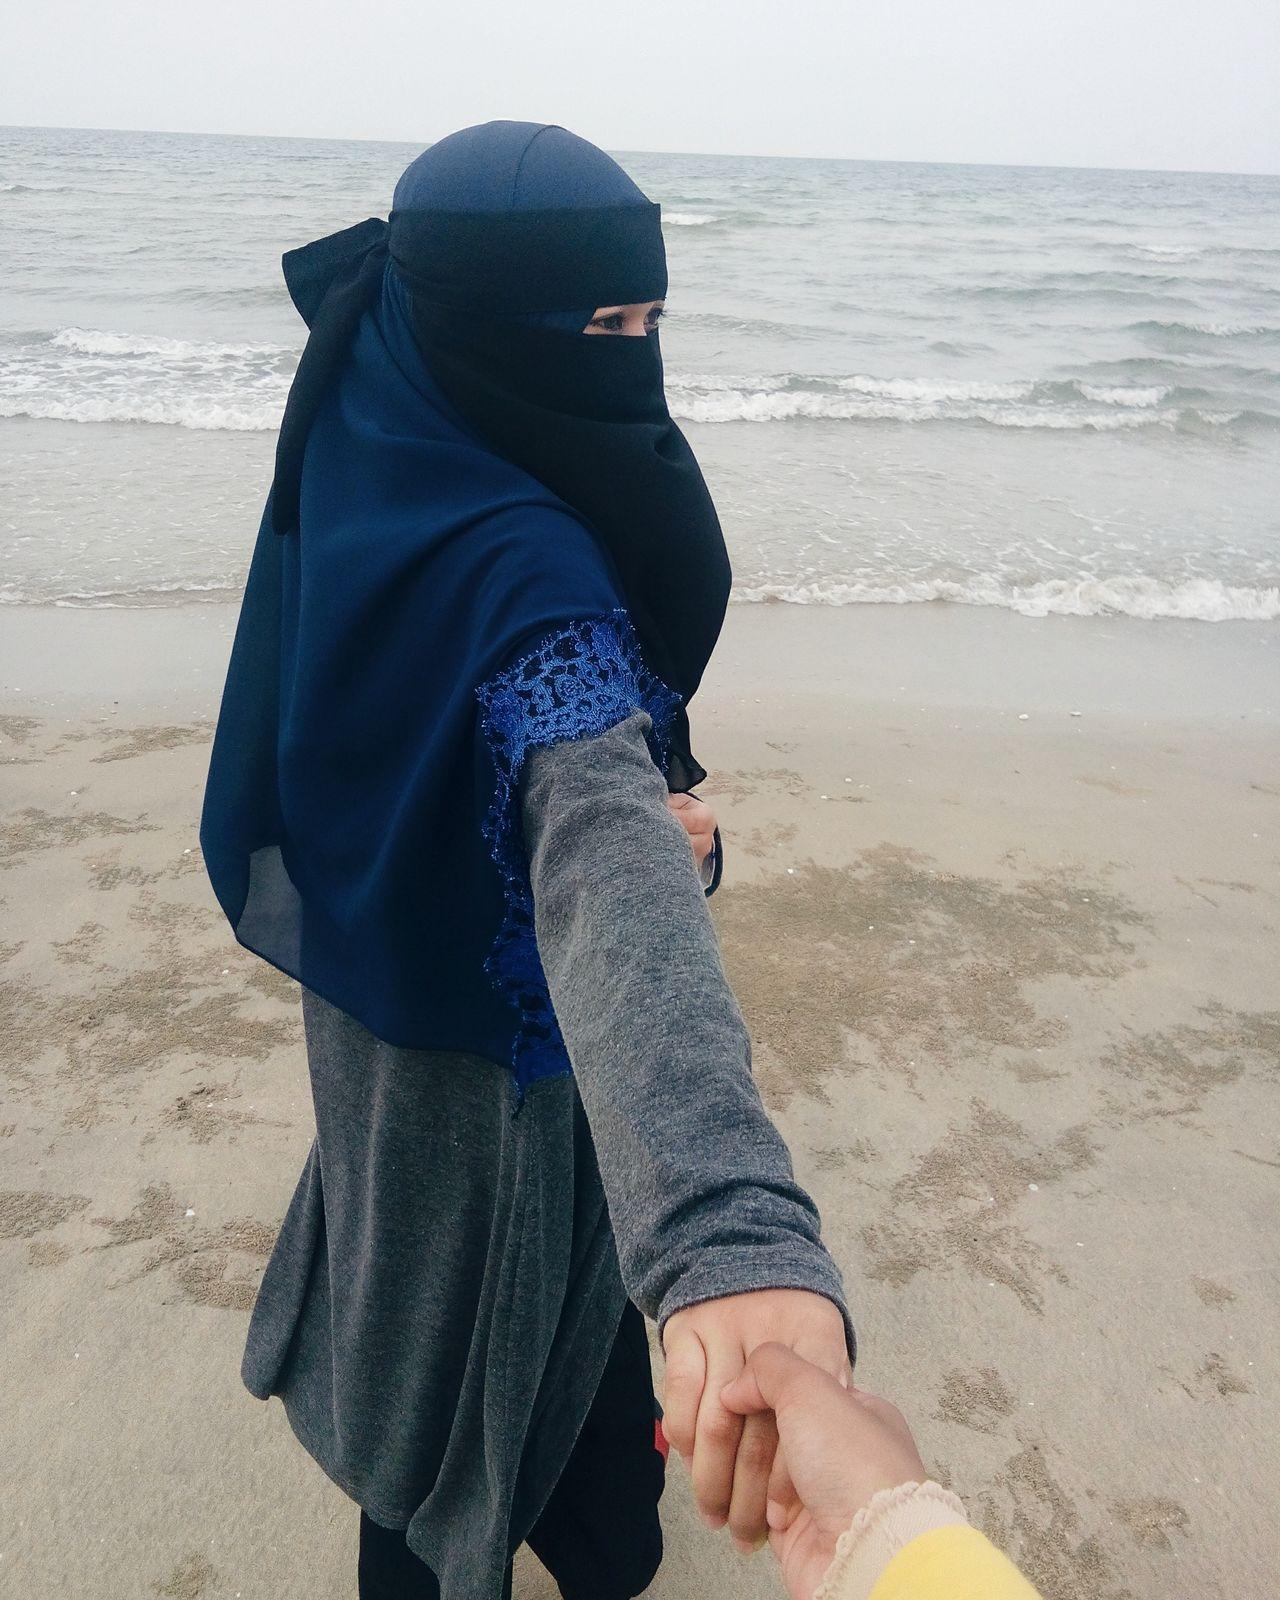 Pantai Sepat Pahang, Malaysia